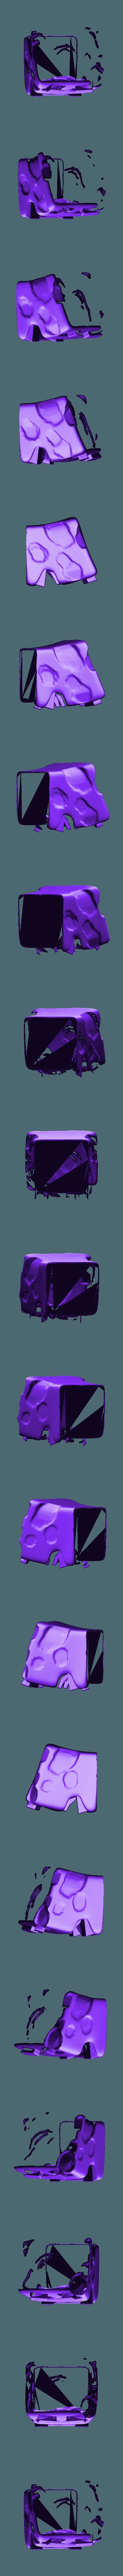 tofusmaller.stl Download free STL file Tofu Monsters • 3D print design, HeribertoValle